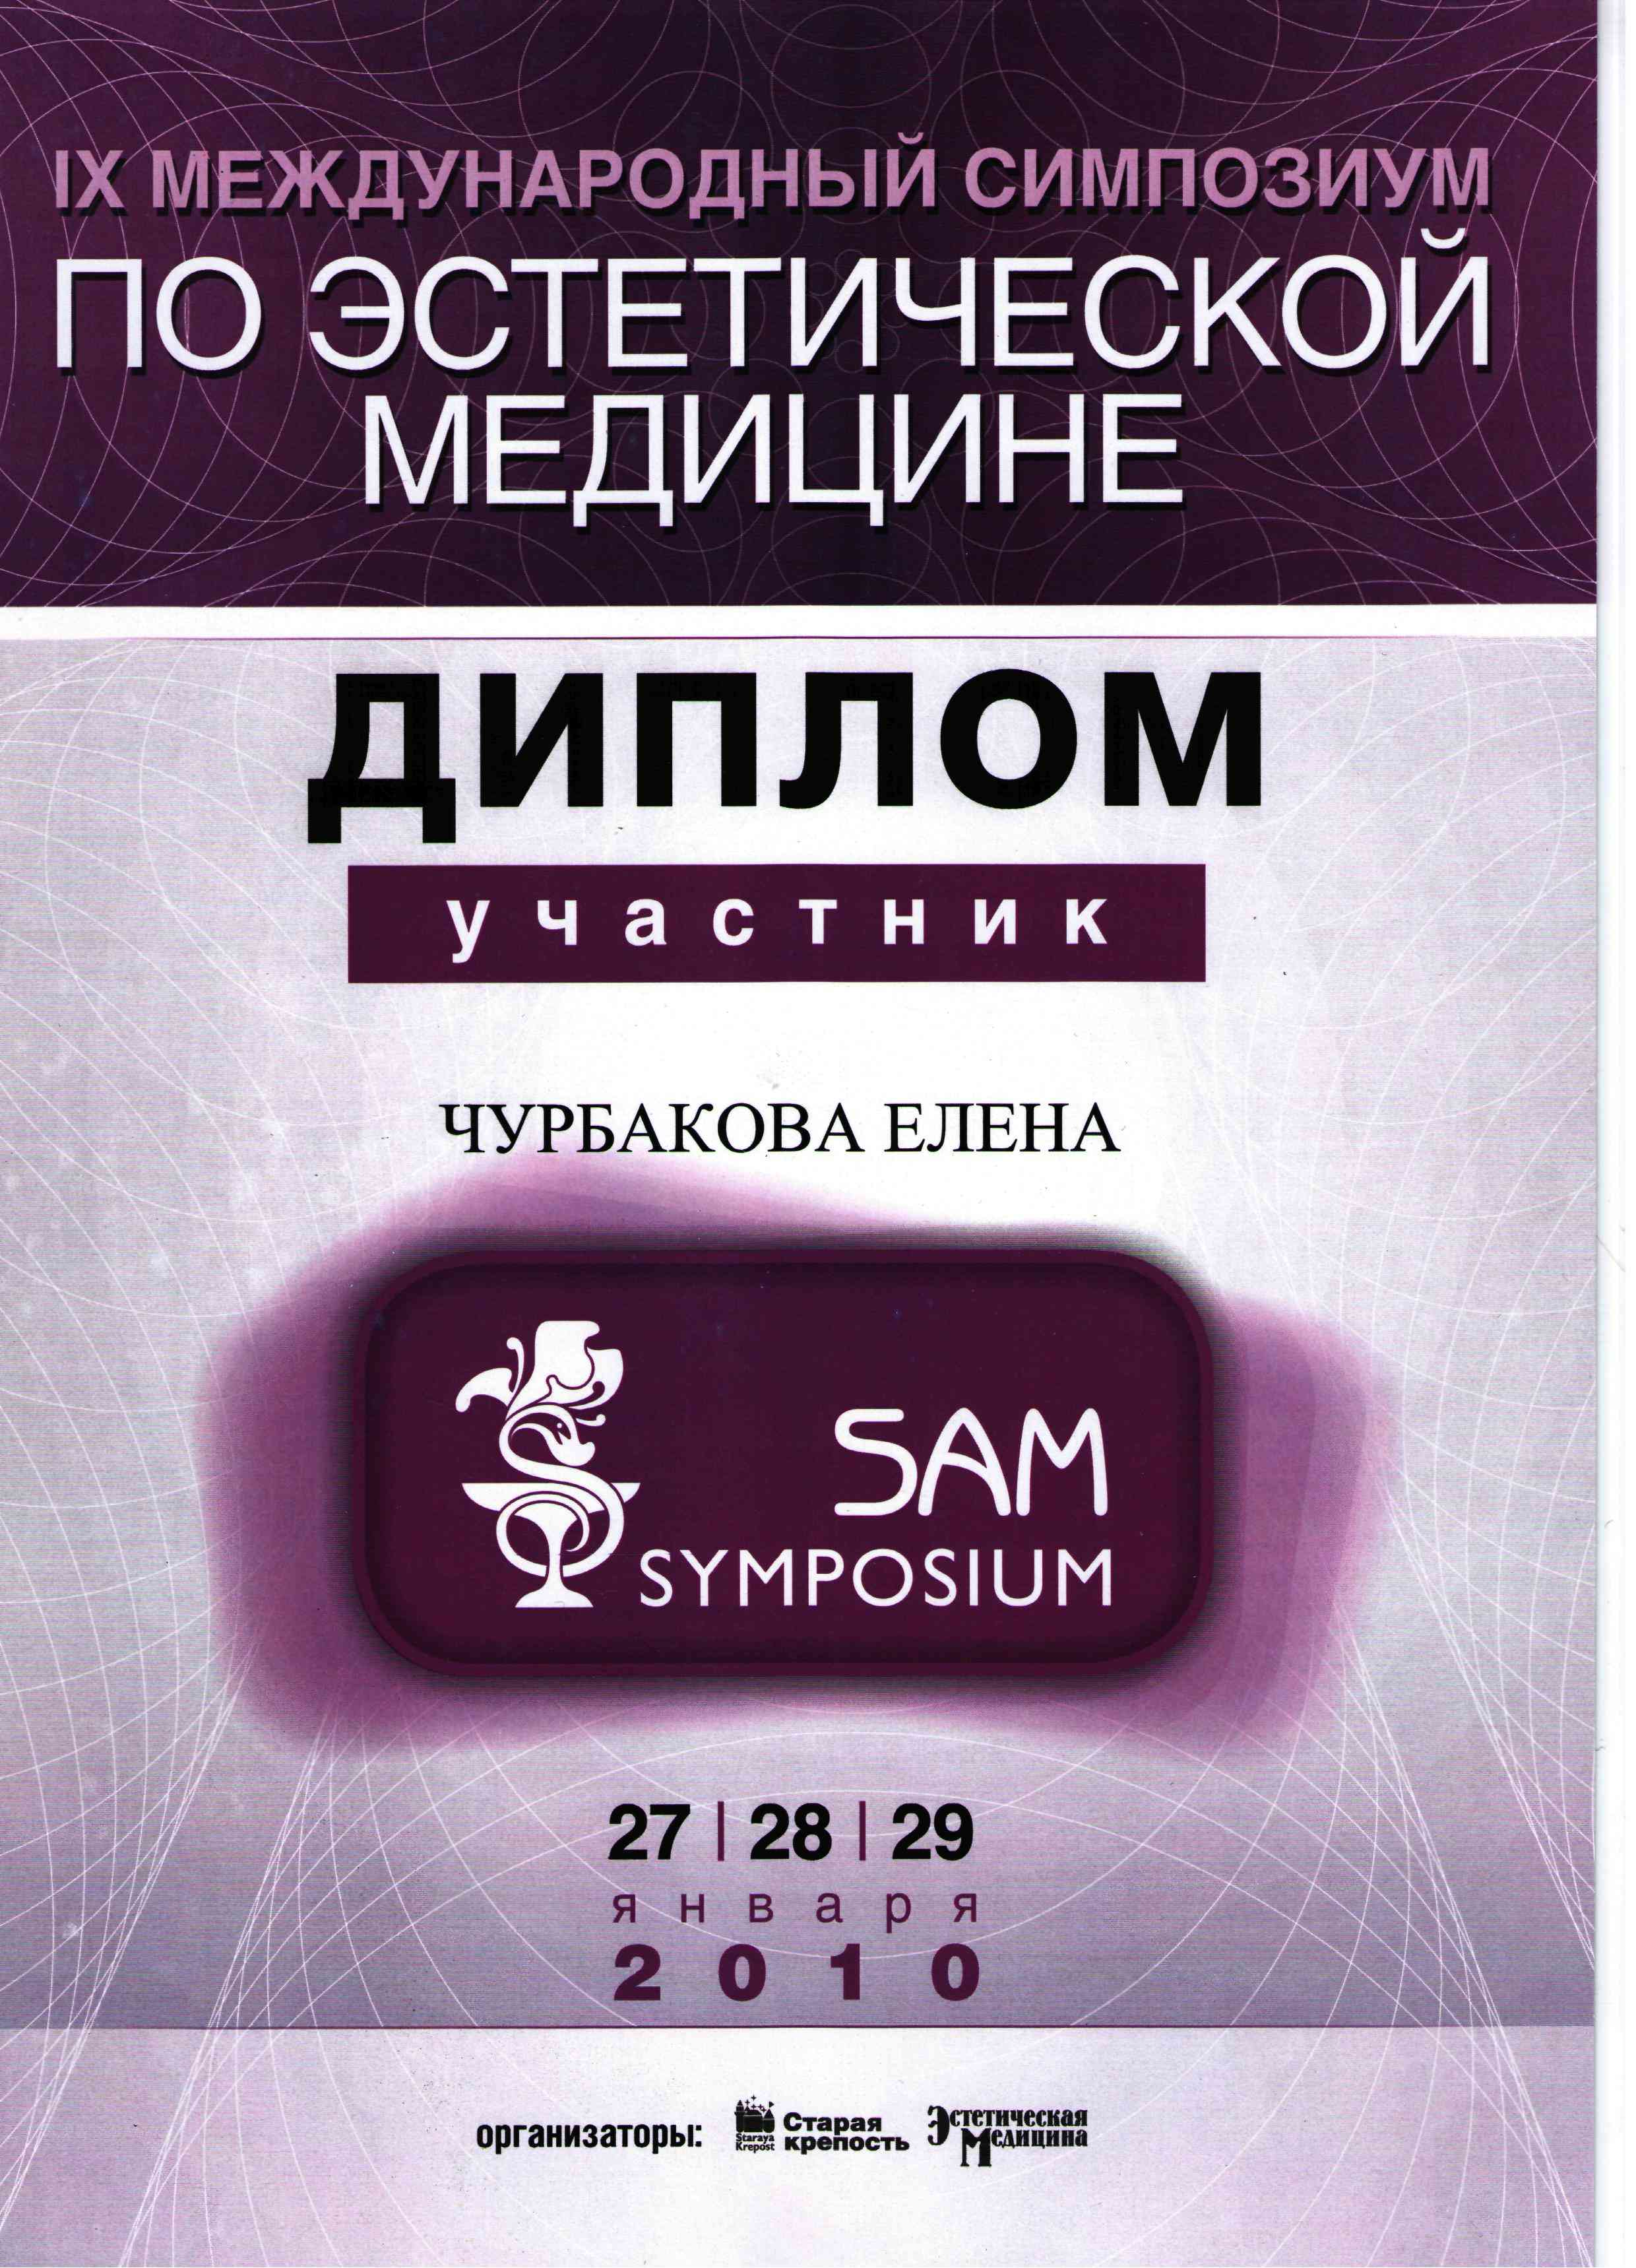 2010 симпозиум по эстетической медицине